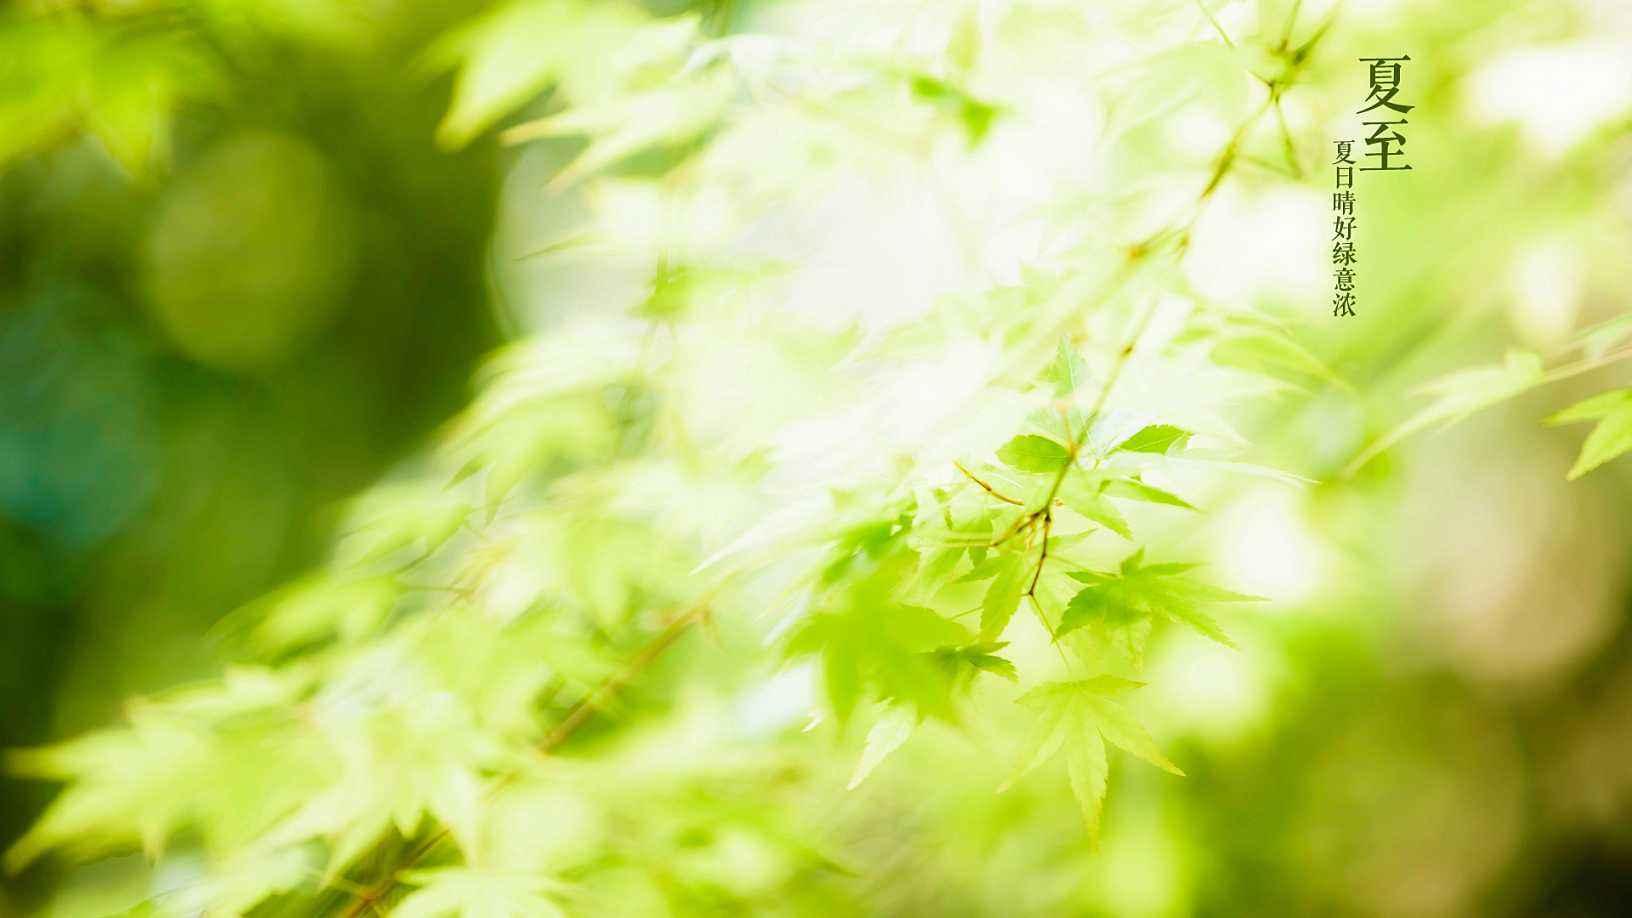 夏至唯美小清新绿色高清壁纸大图 2018夏天清爽壁纸高清图片大全